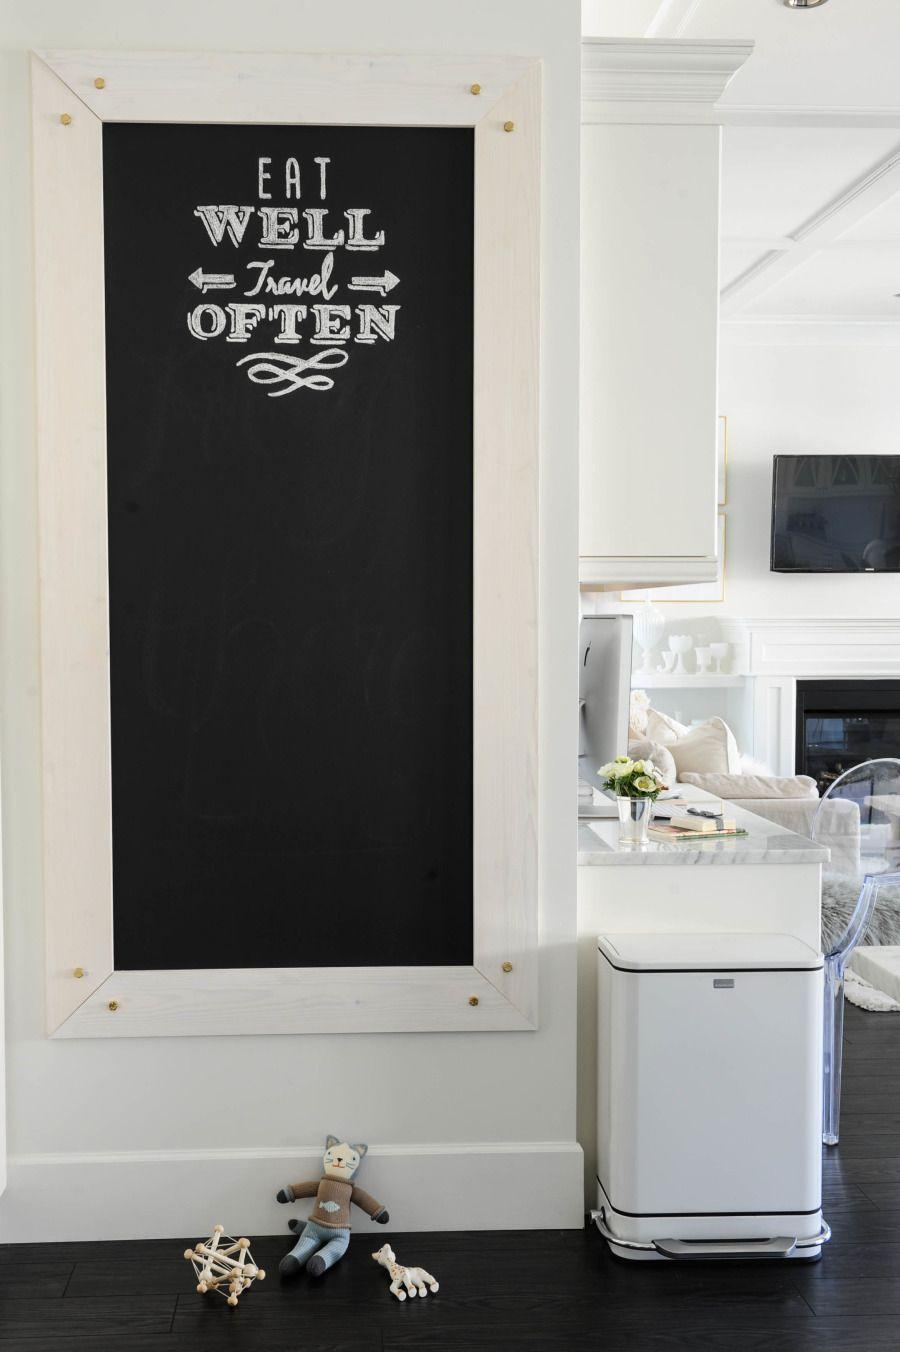 100 Fantastique Idées Tableau Noir Pour Cuisine